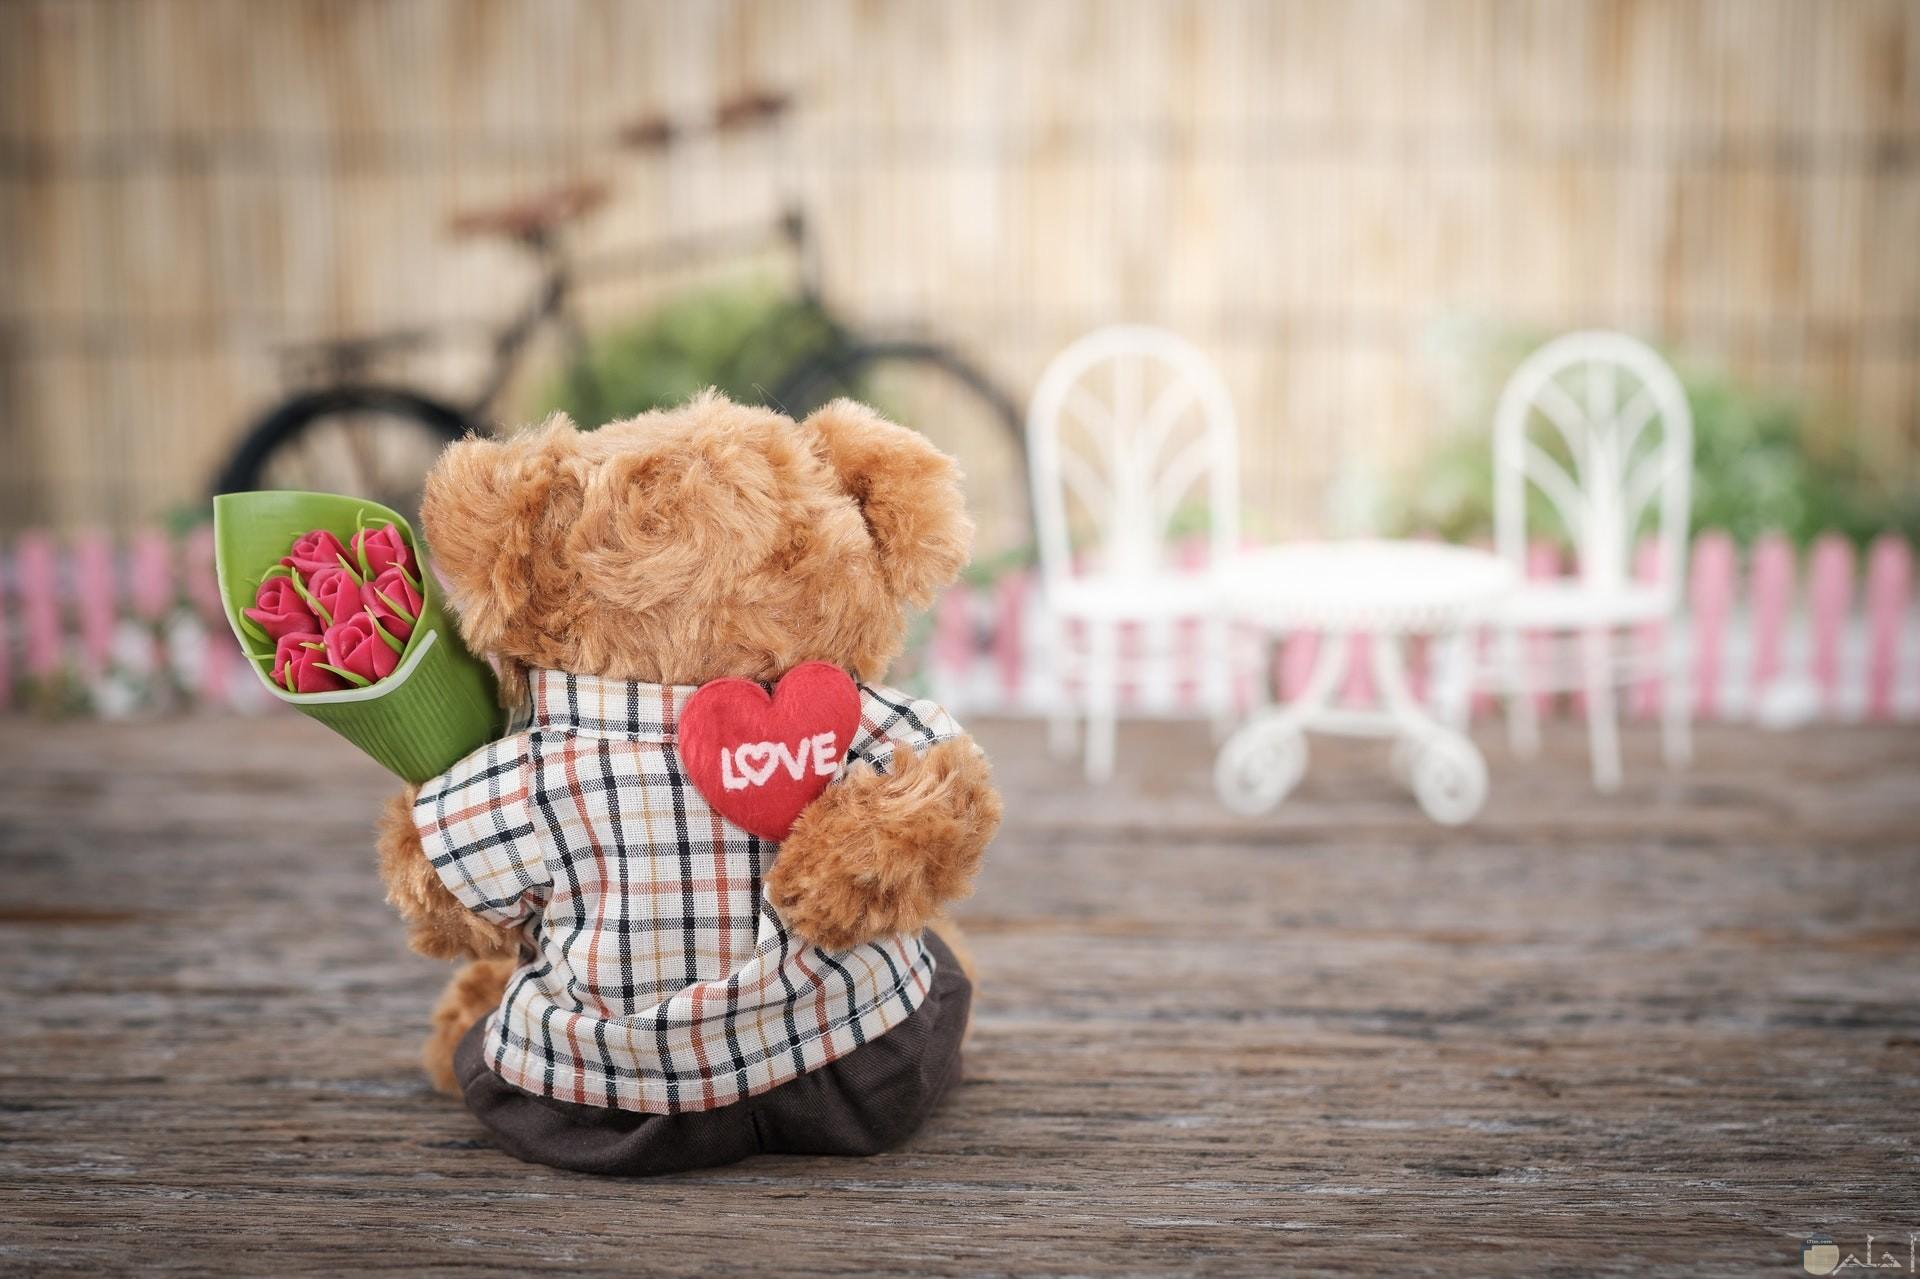 صورة رومانسية لدب يحمل ورود جميلة وقلب وراء ظهره